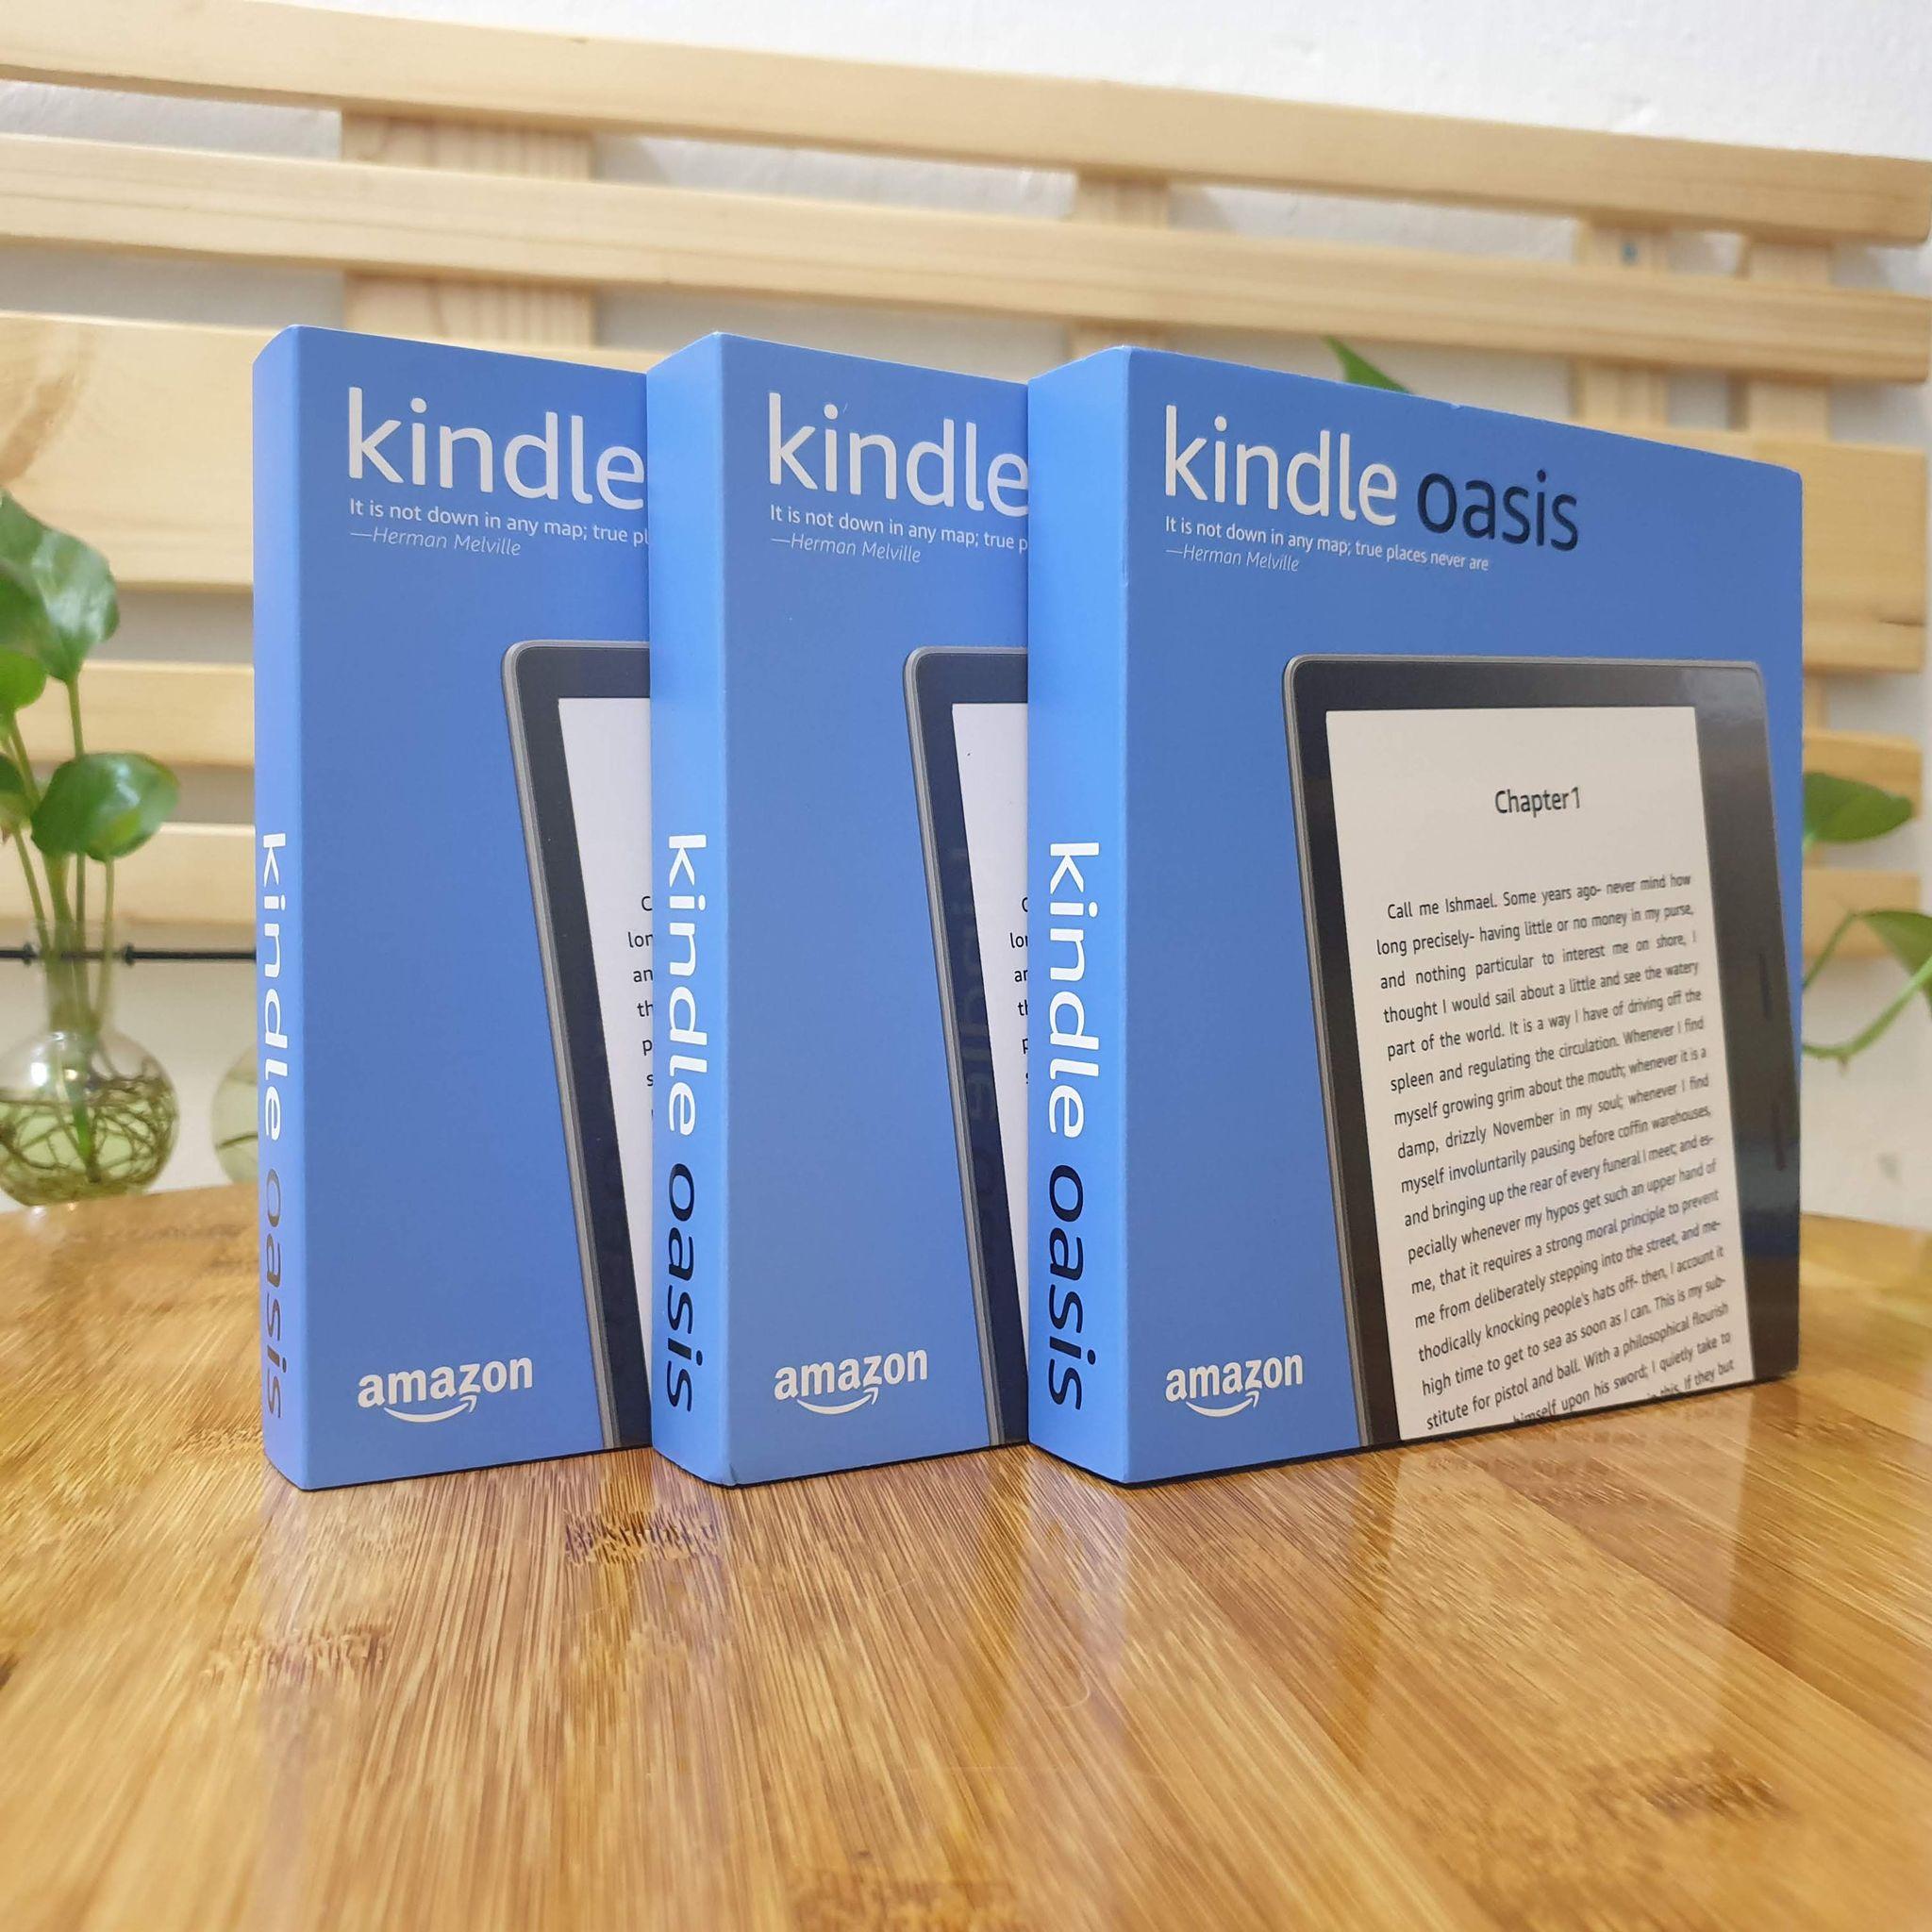 [NEW SEAL 100%] Máy đọc sách Kindle Oasis 2 (9th) màn hình 7inch 300PPI, bộ nhớ 8GB, RAM 512, chống nước IPX8, Audible, Darkmode